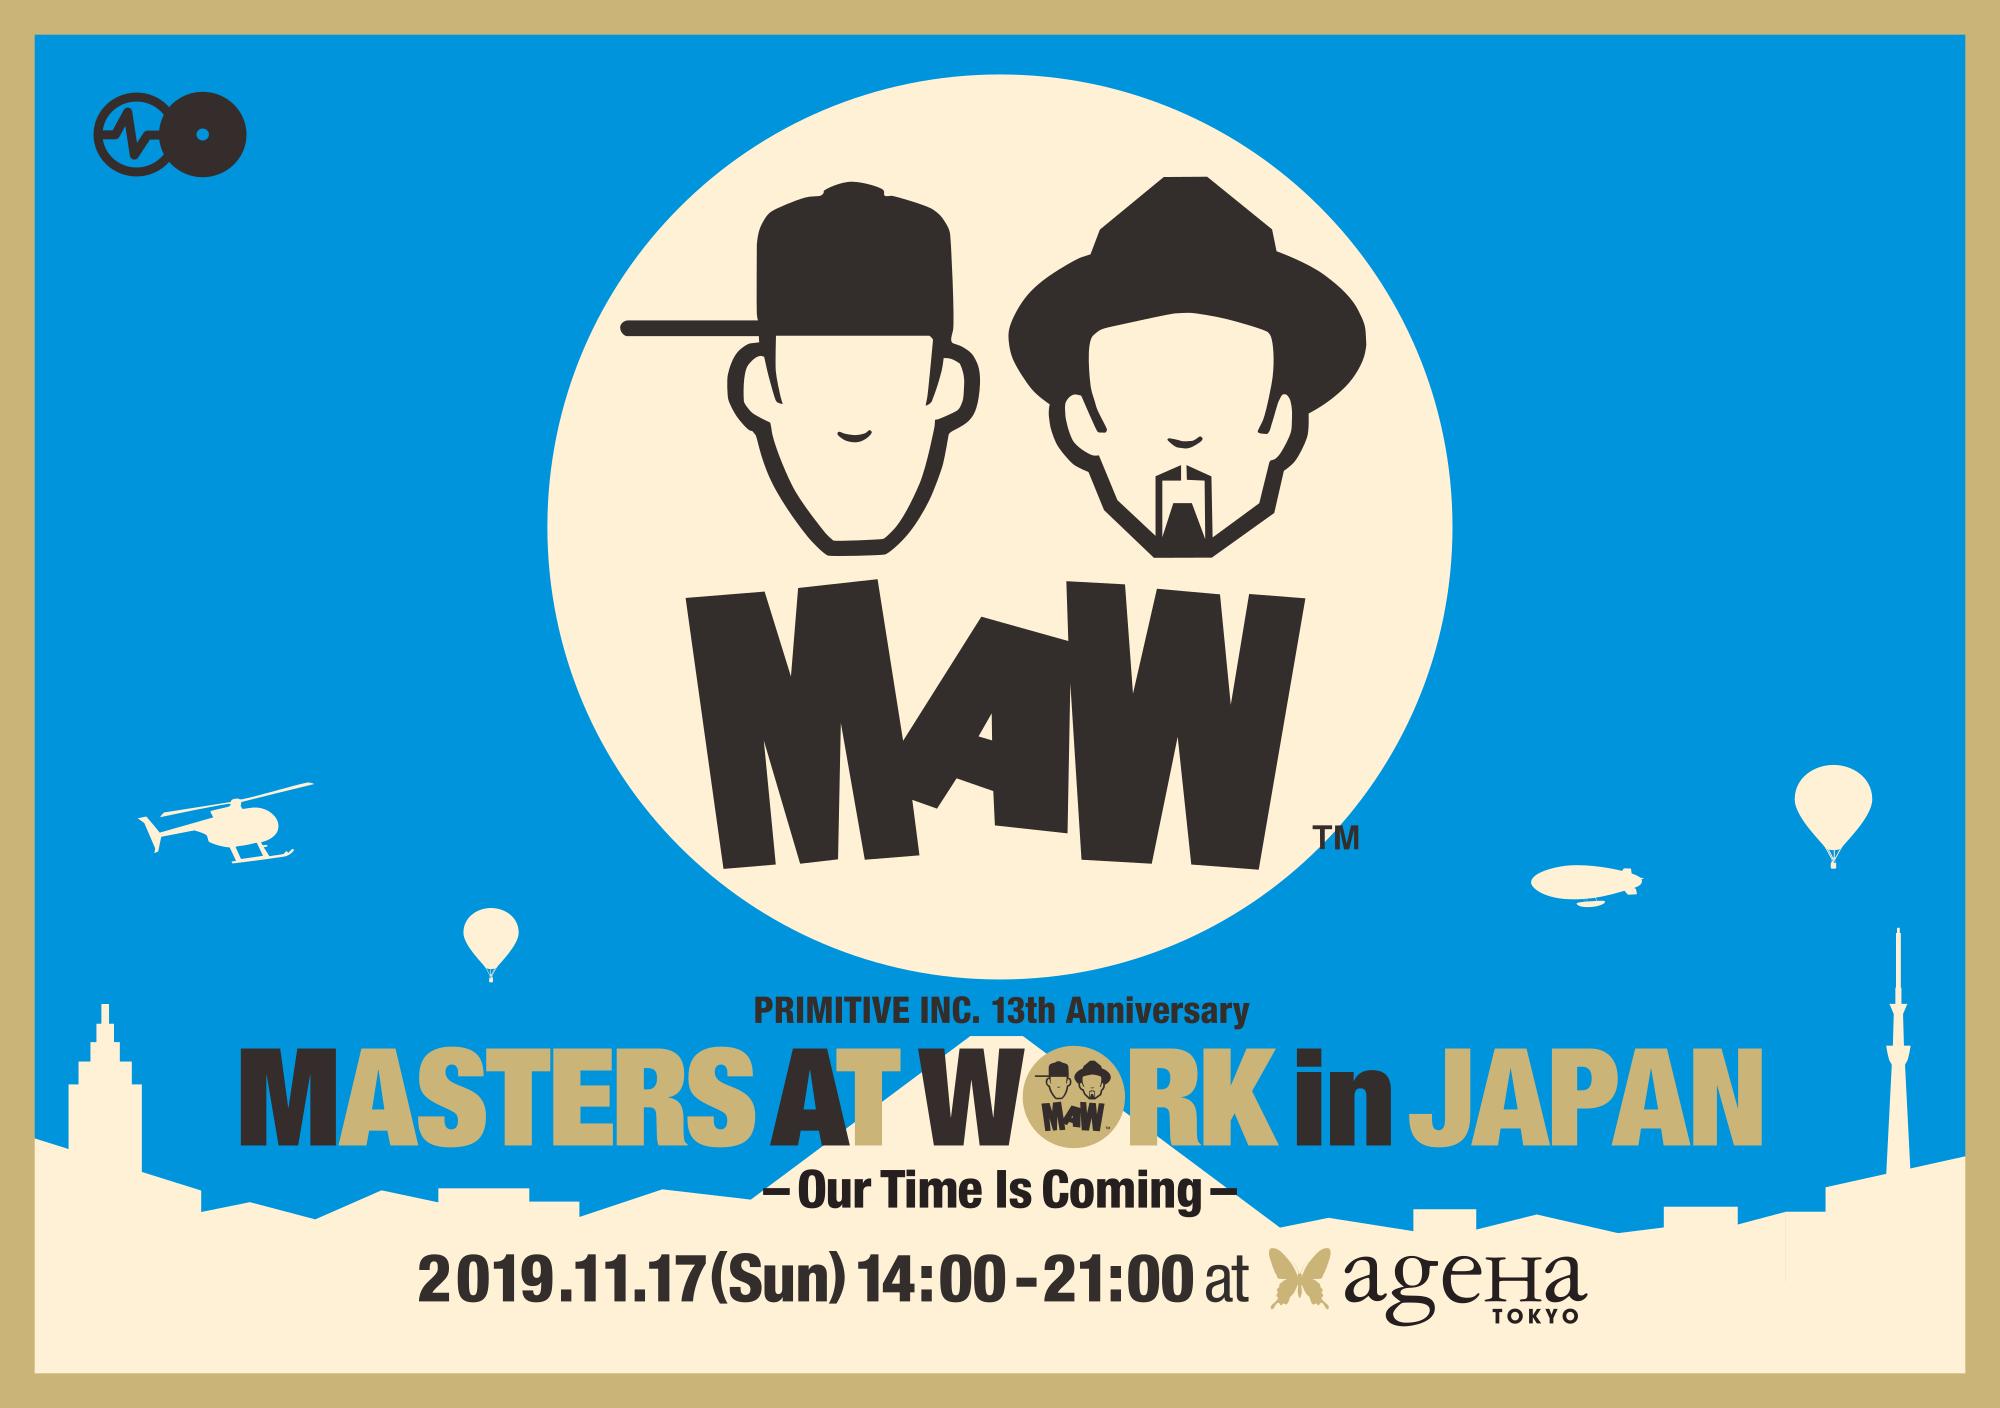 ストリートなイベント【東京】MASTERS AT WORK in JAPAN 全ての音楽ファンに捧げる一年に一度の祝祭!